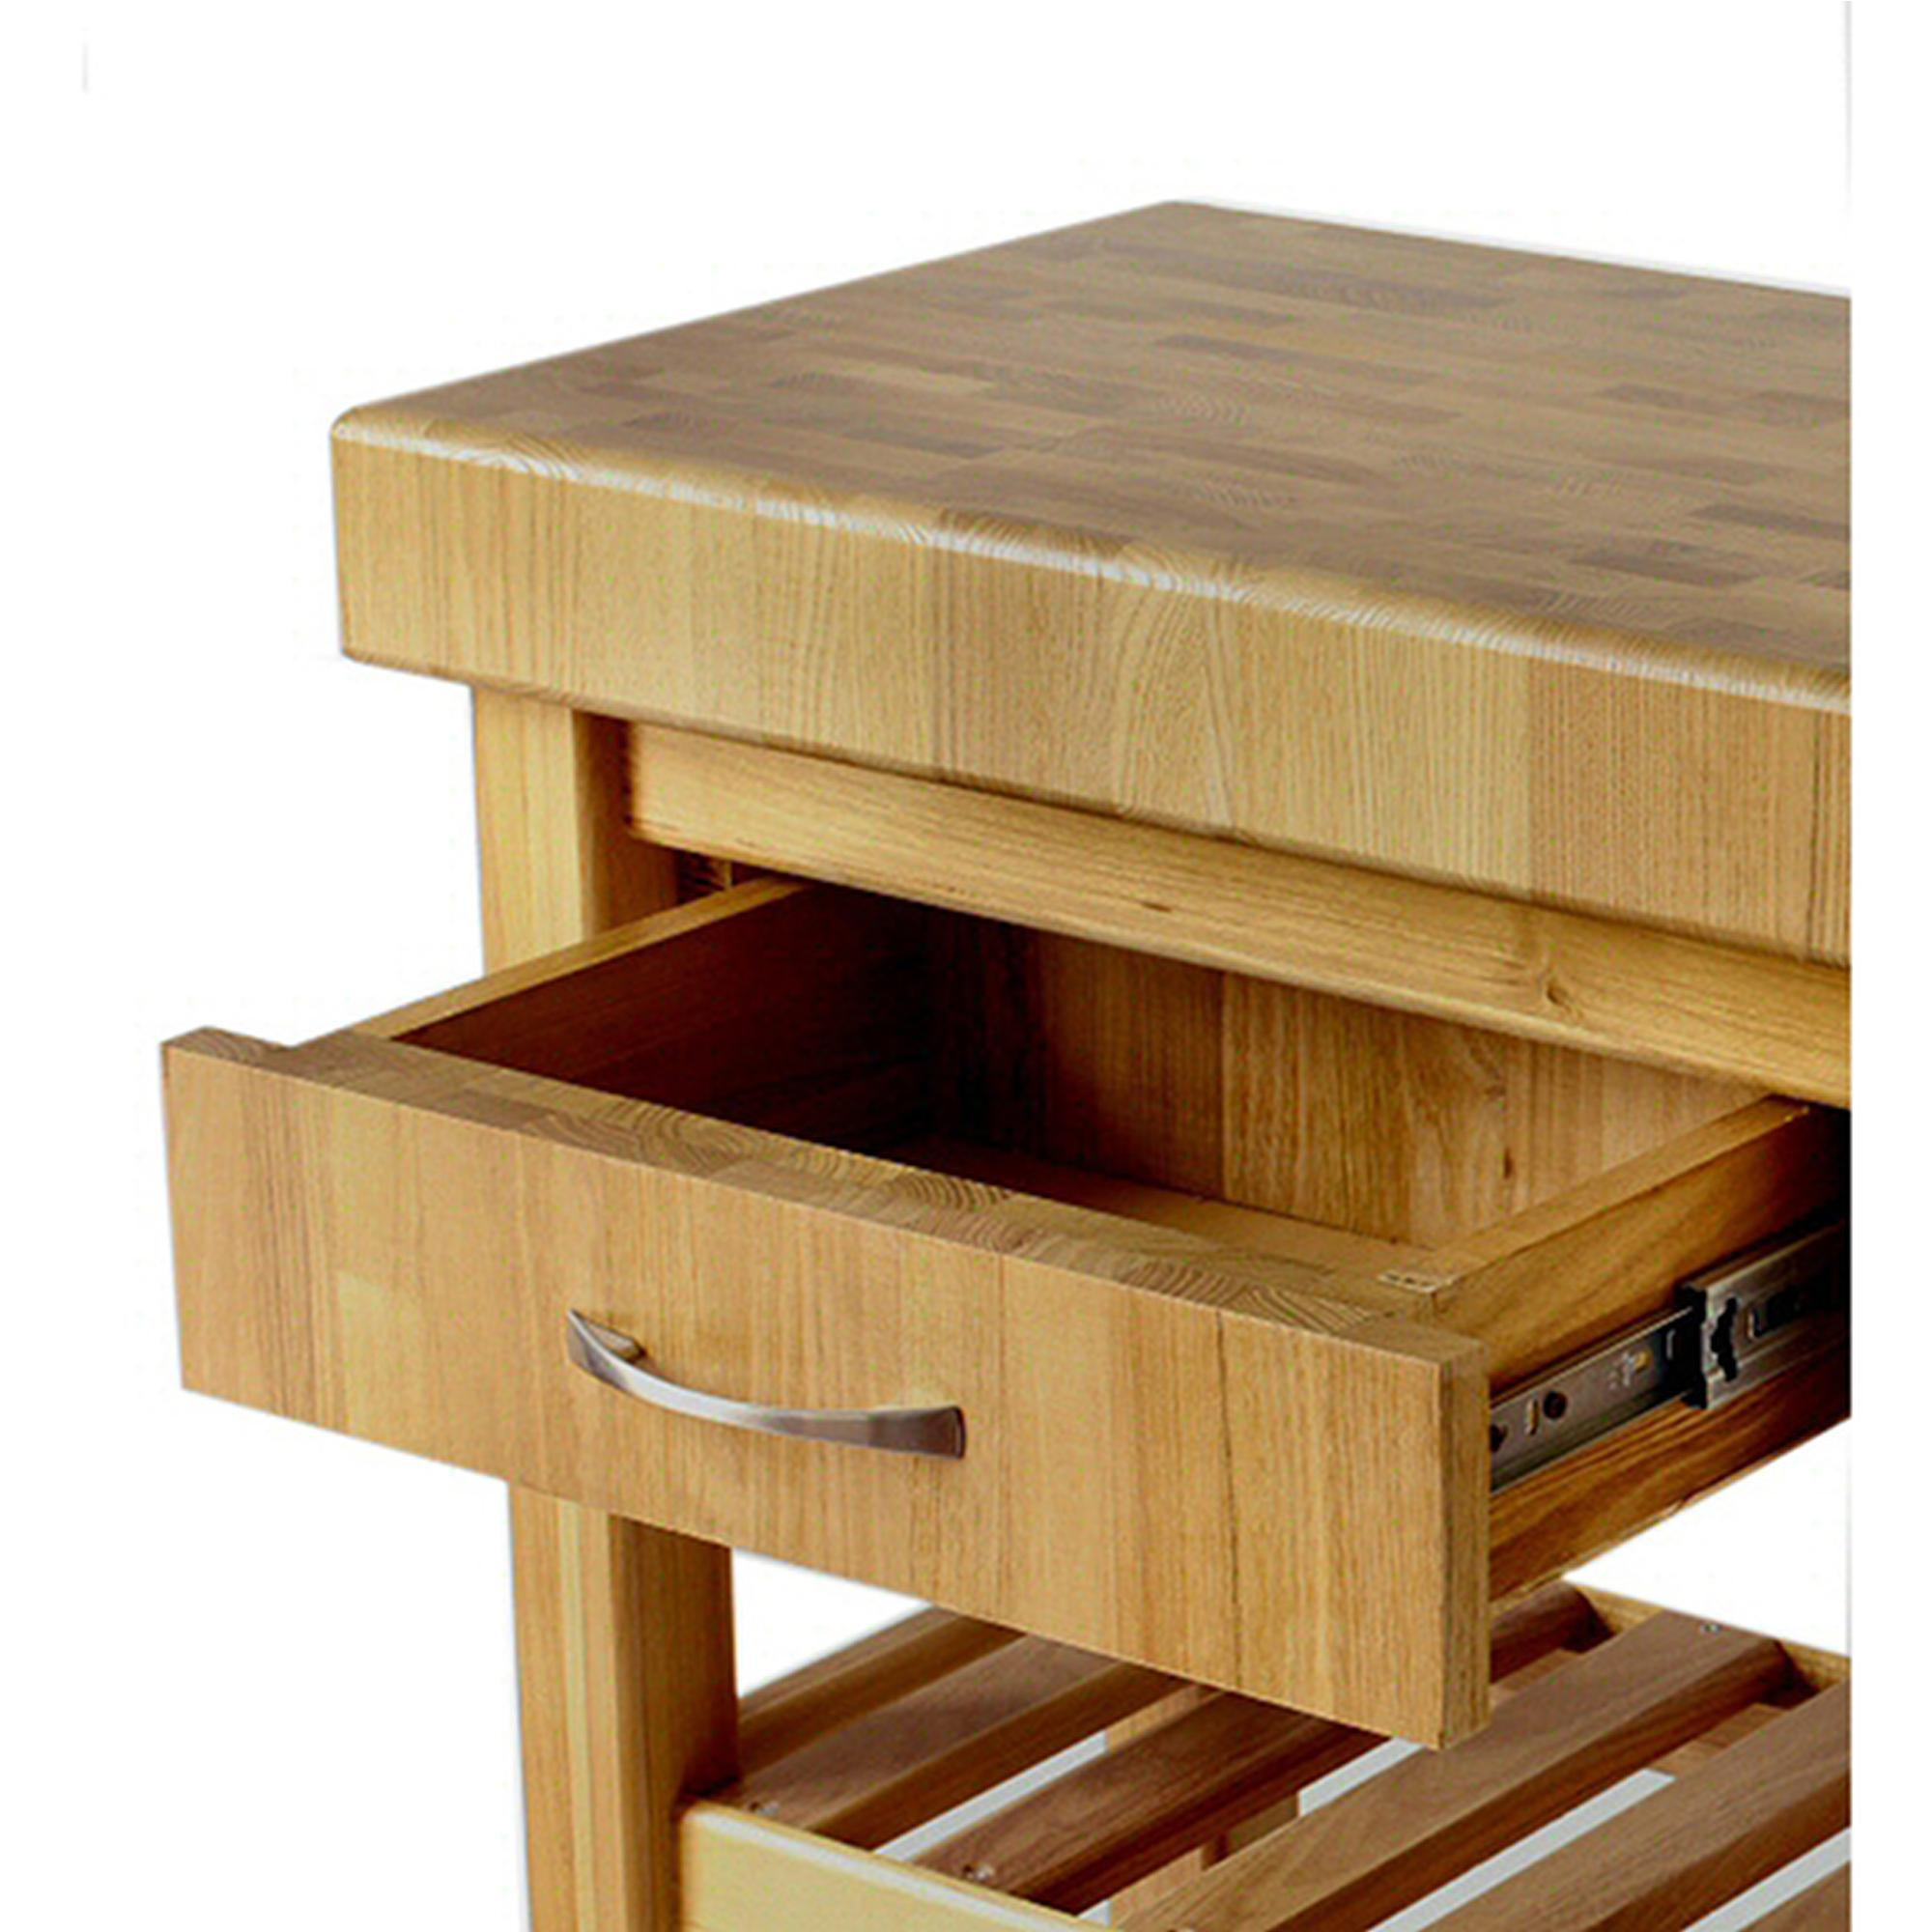 Carrello da cucina in legno massello con cassetto 50x40xh85 cm con ...